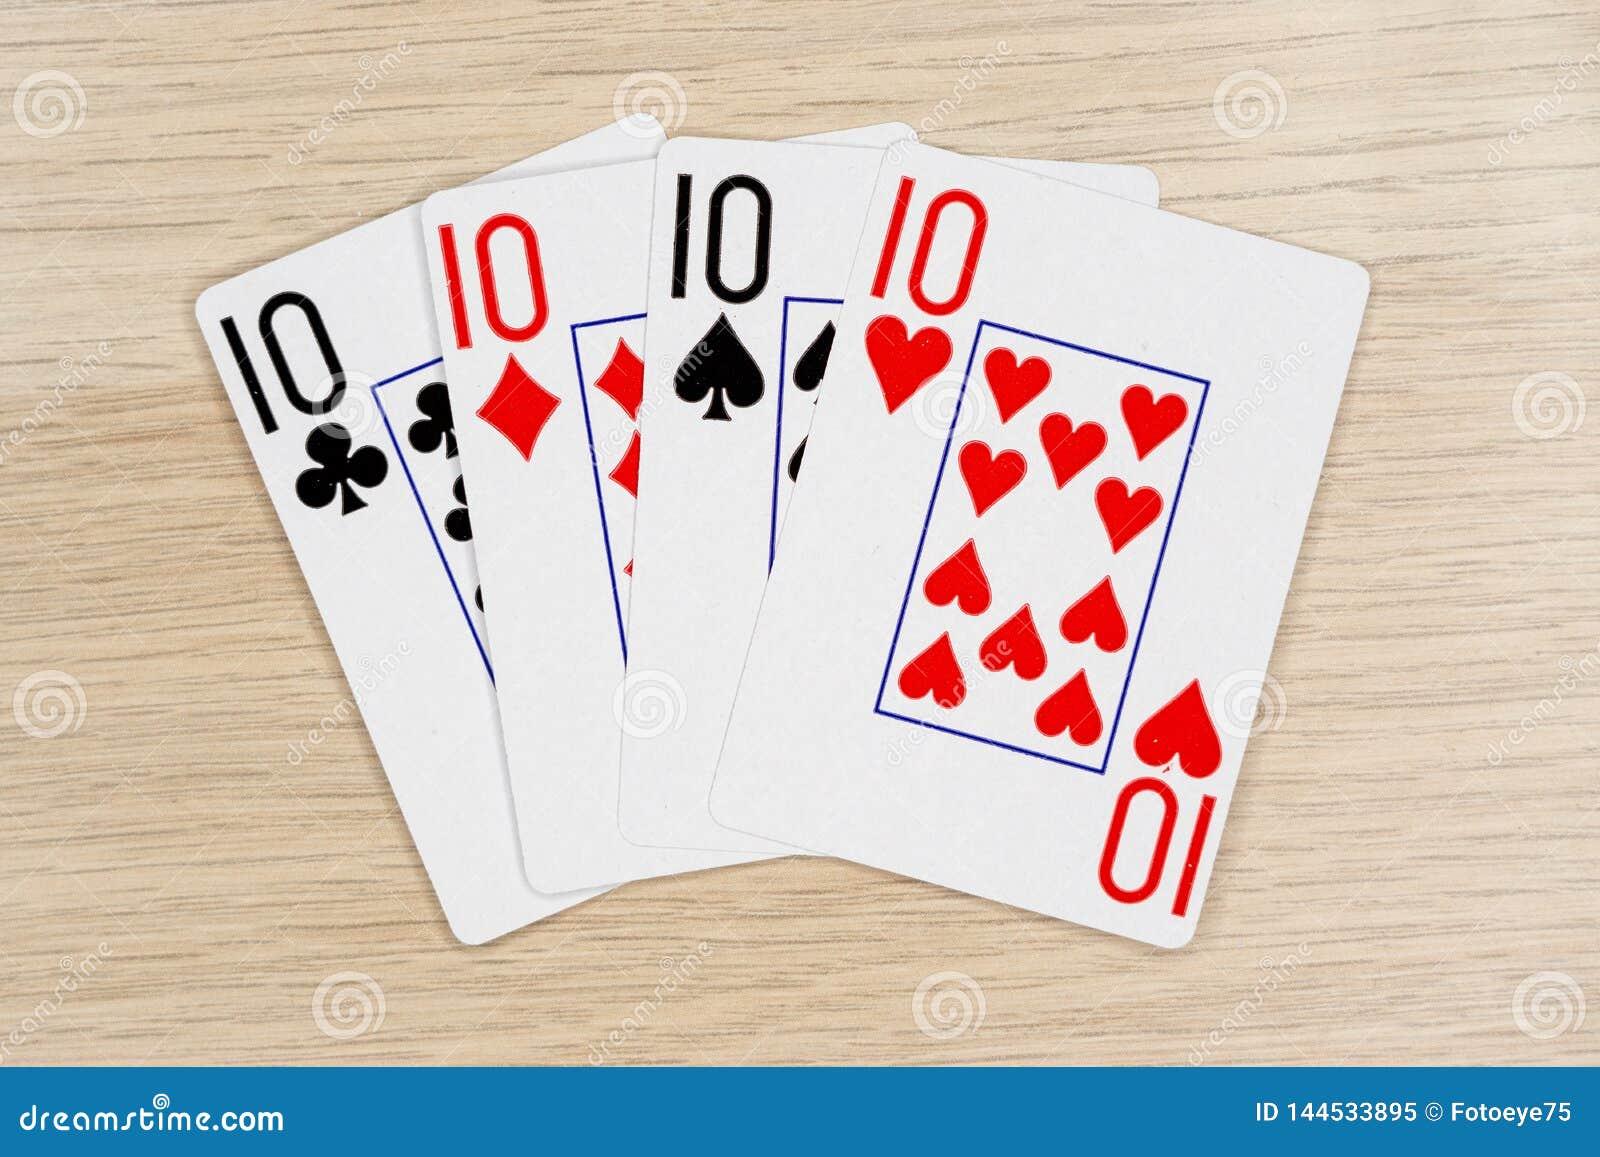 4 de los diez buenos 10 - casino que juega tarjetas del póker